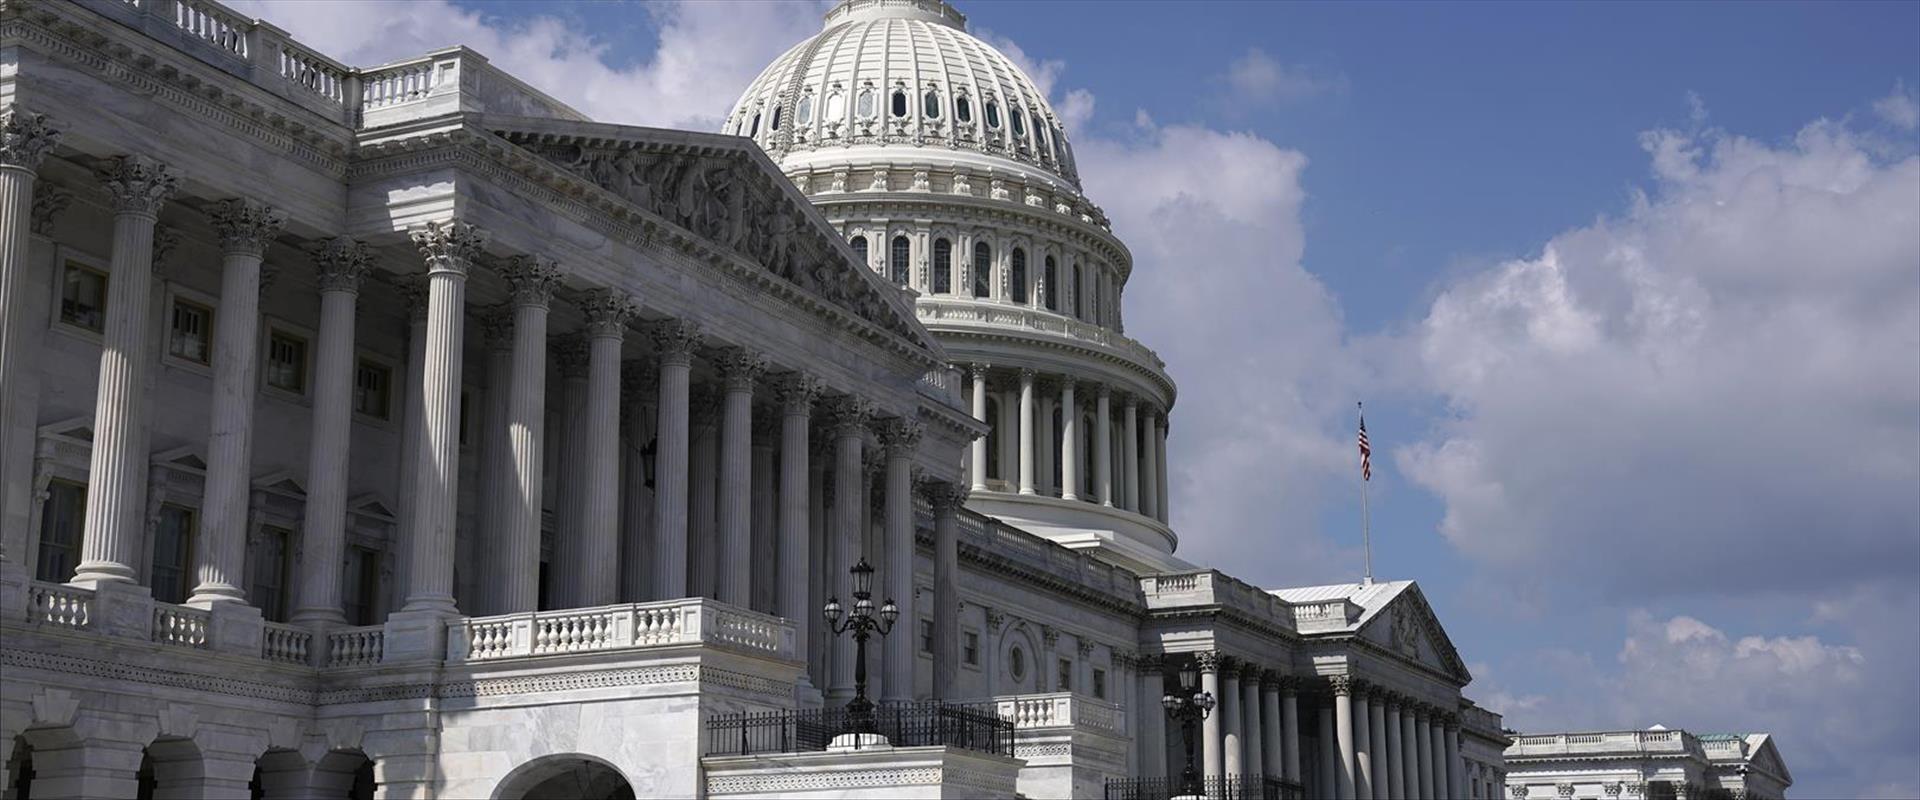 בניין הקונגרס בוושינגטון